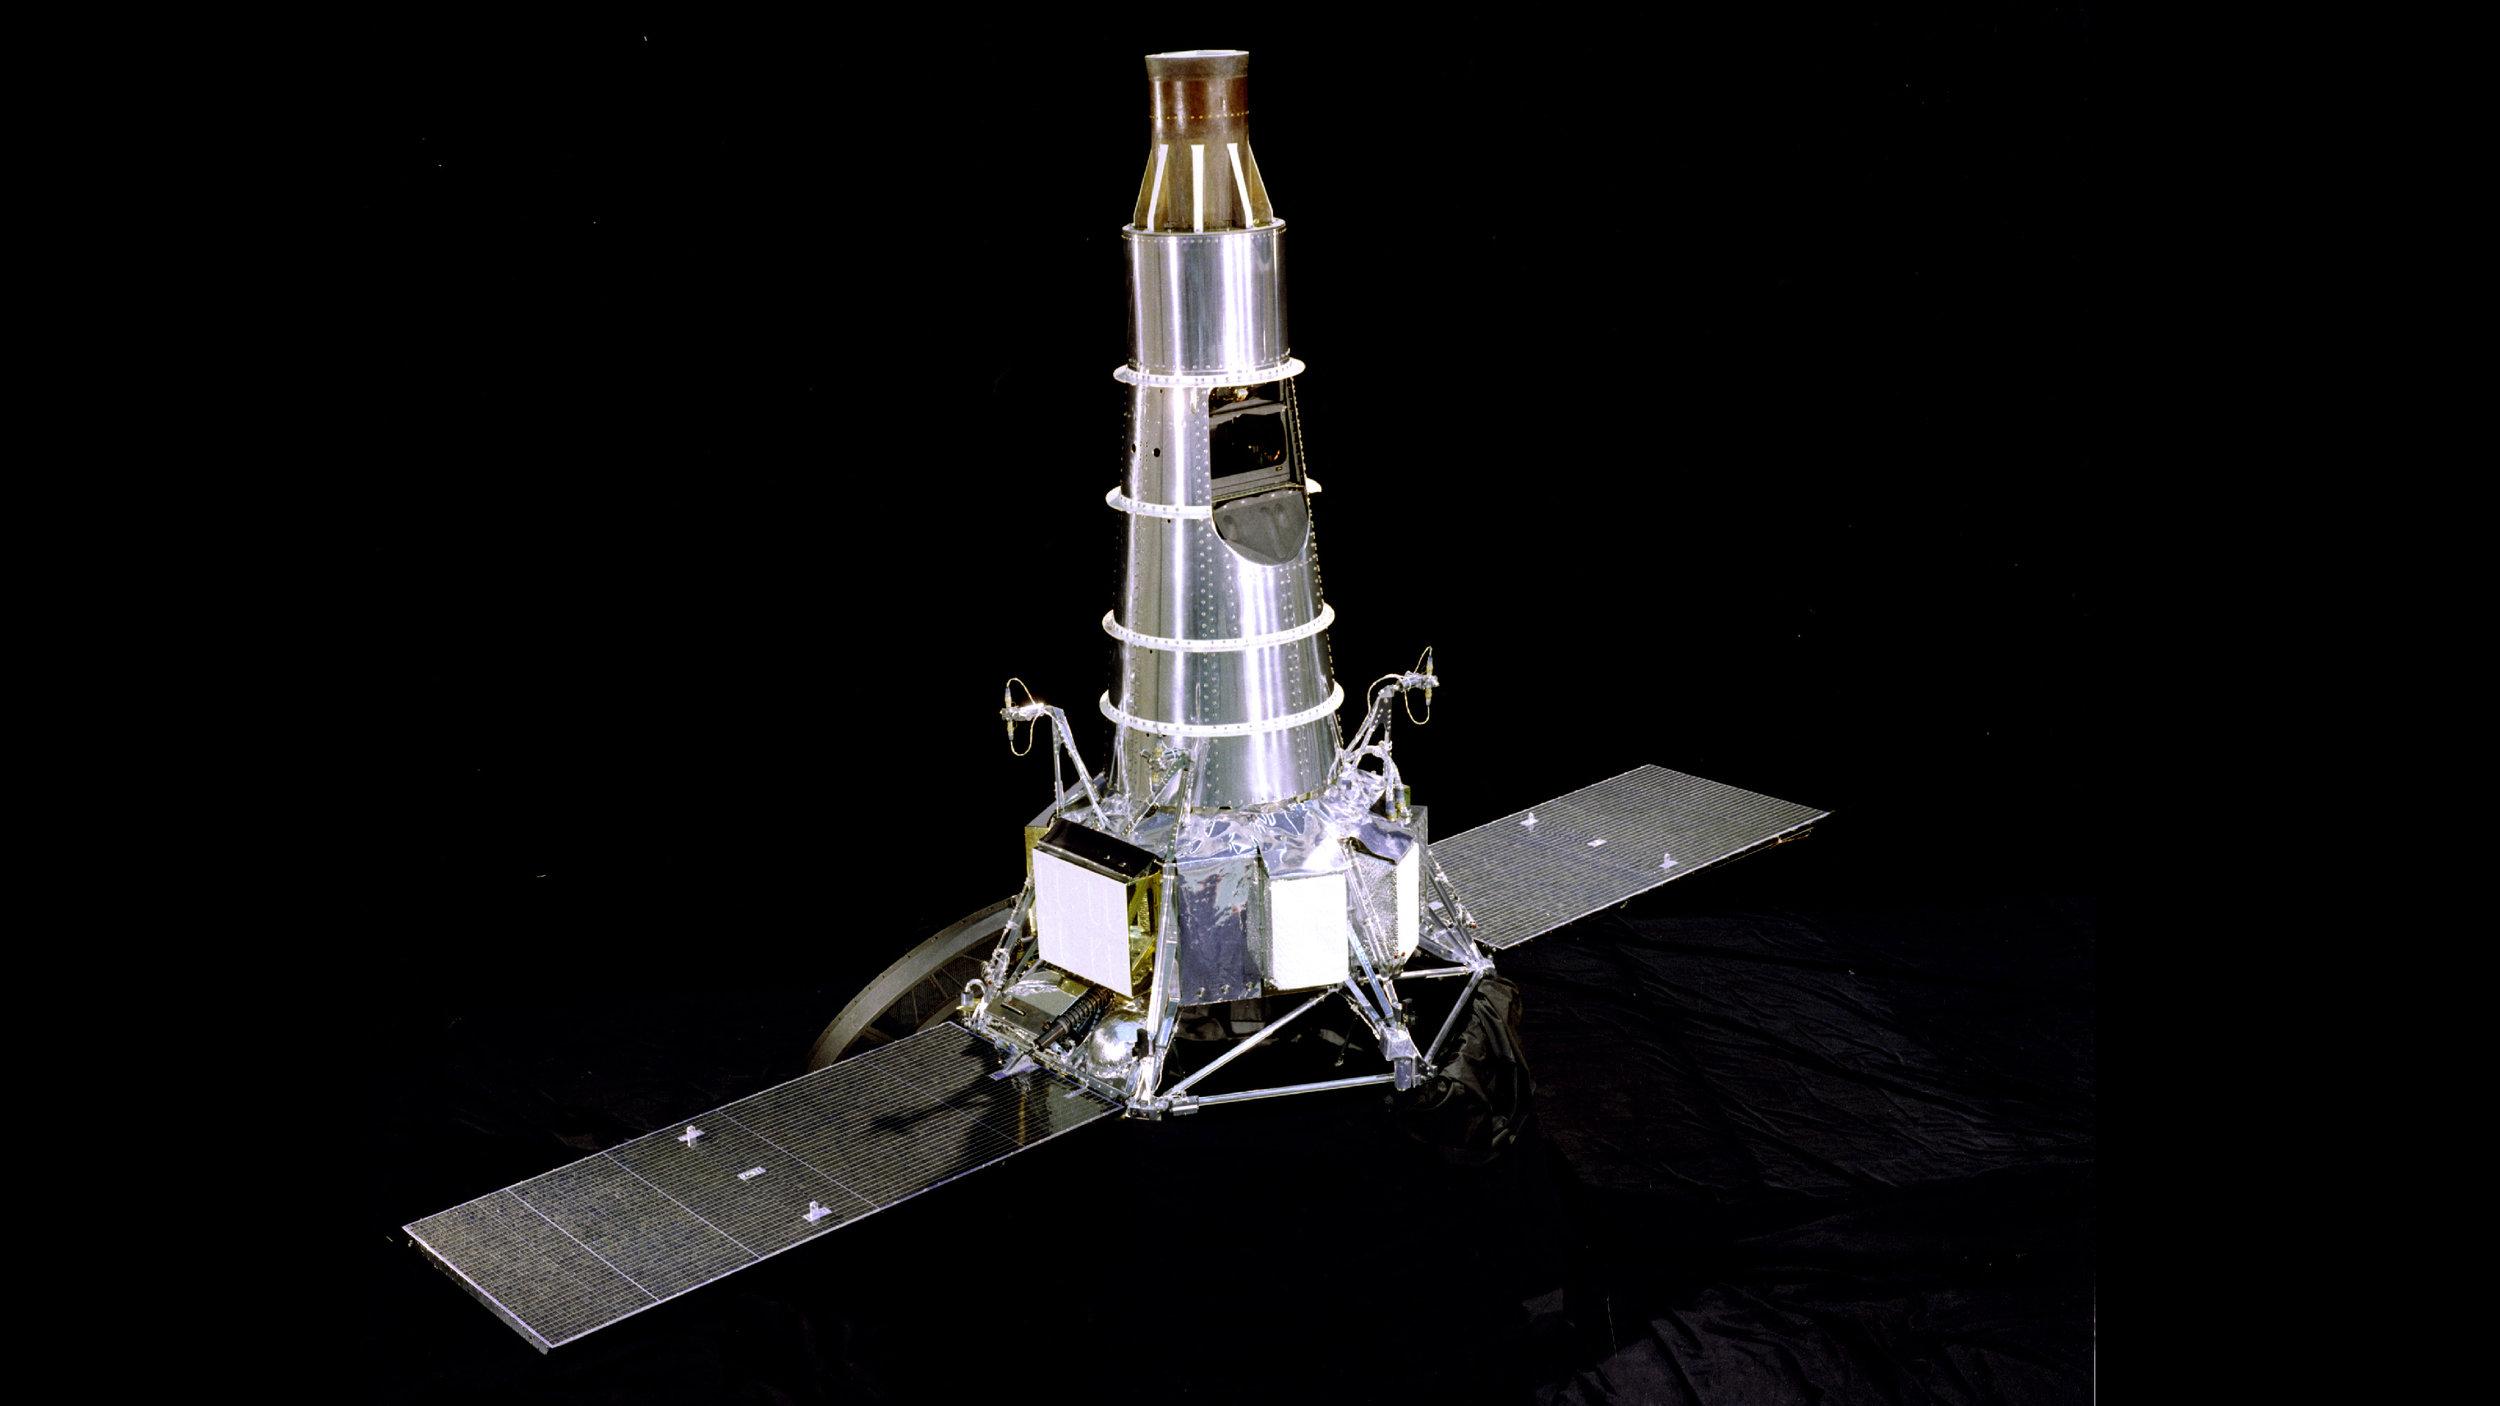 The Ranger 7 lunar lander